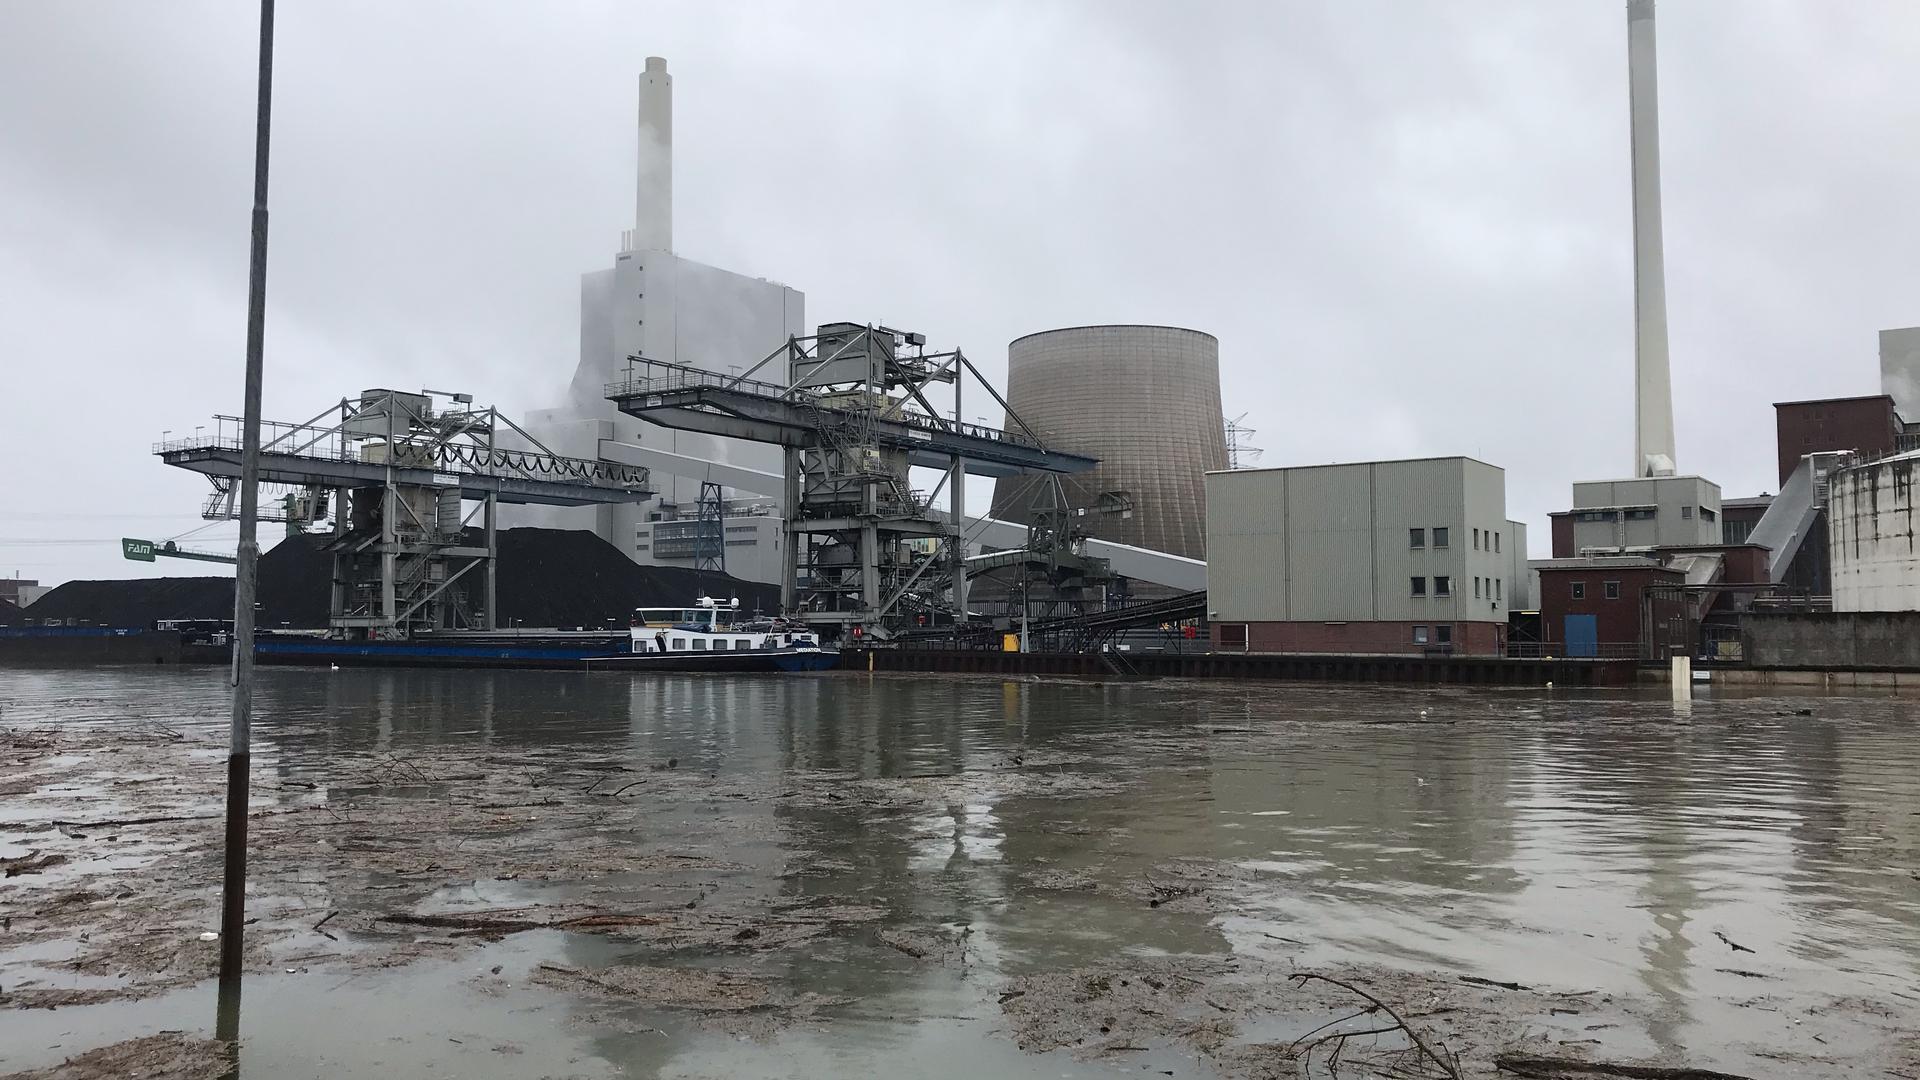 Hochwasser des Rheins beim Karlsruher Hafen.